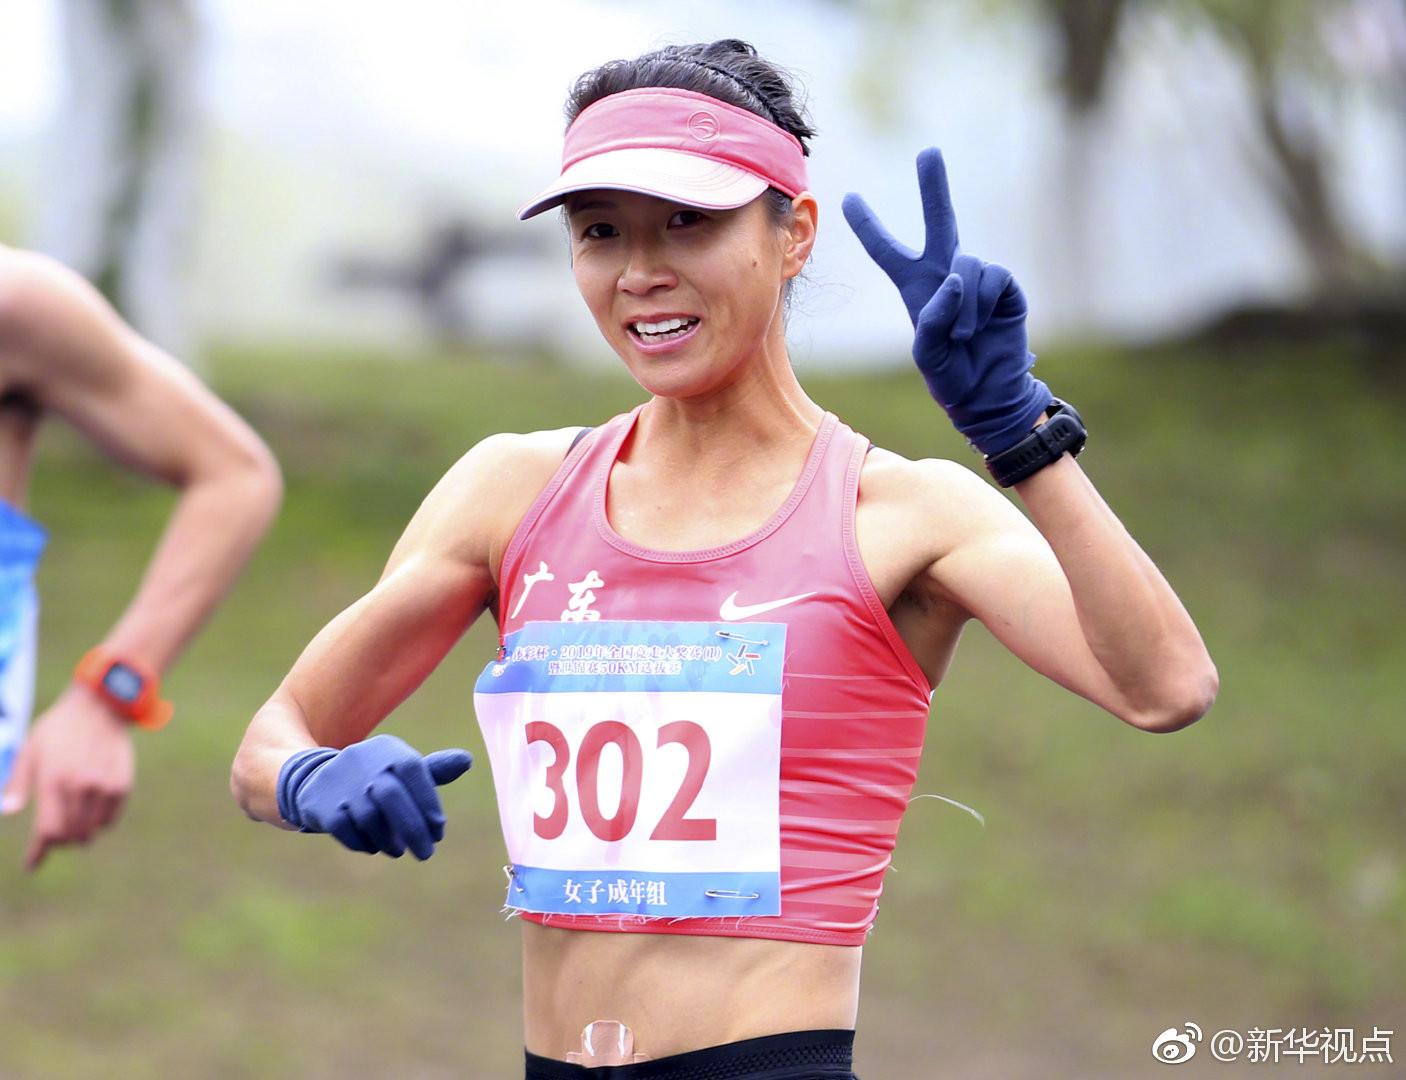 竞走女将杨家玉:顺利拿到奥运会的入场券 不留遗憾_体育新闻_...